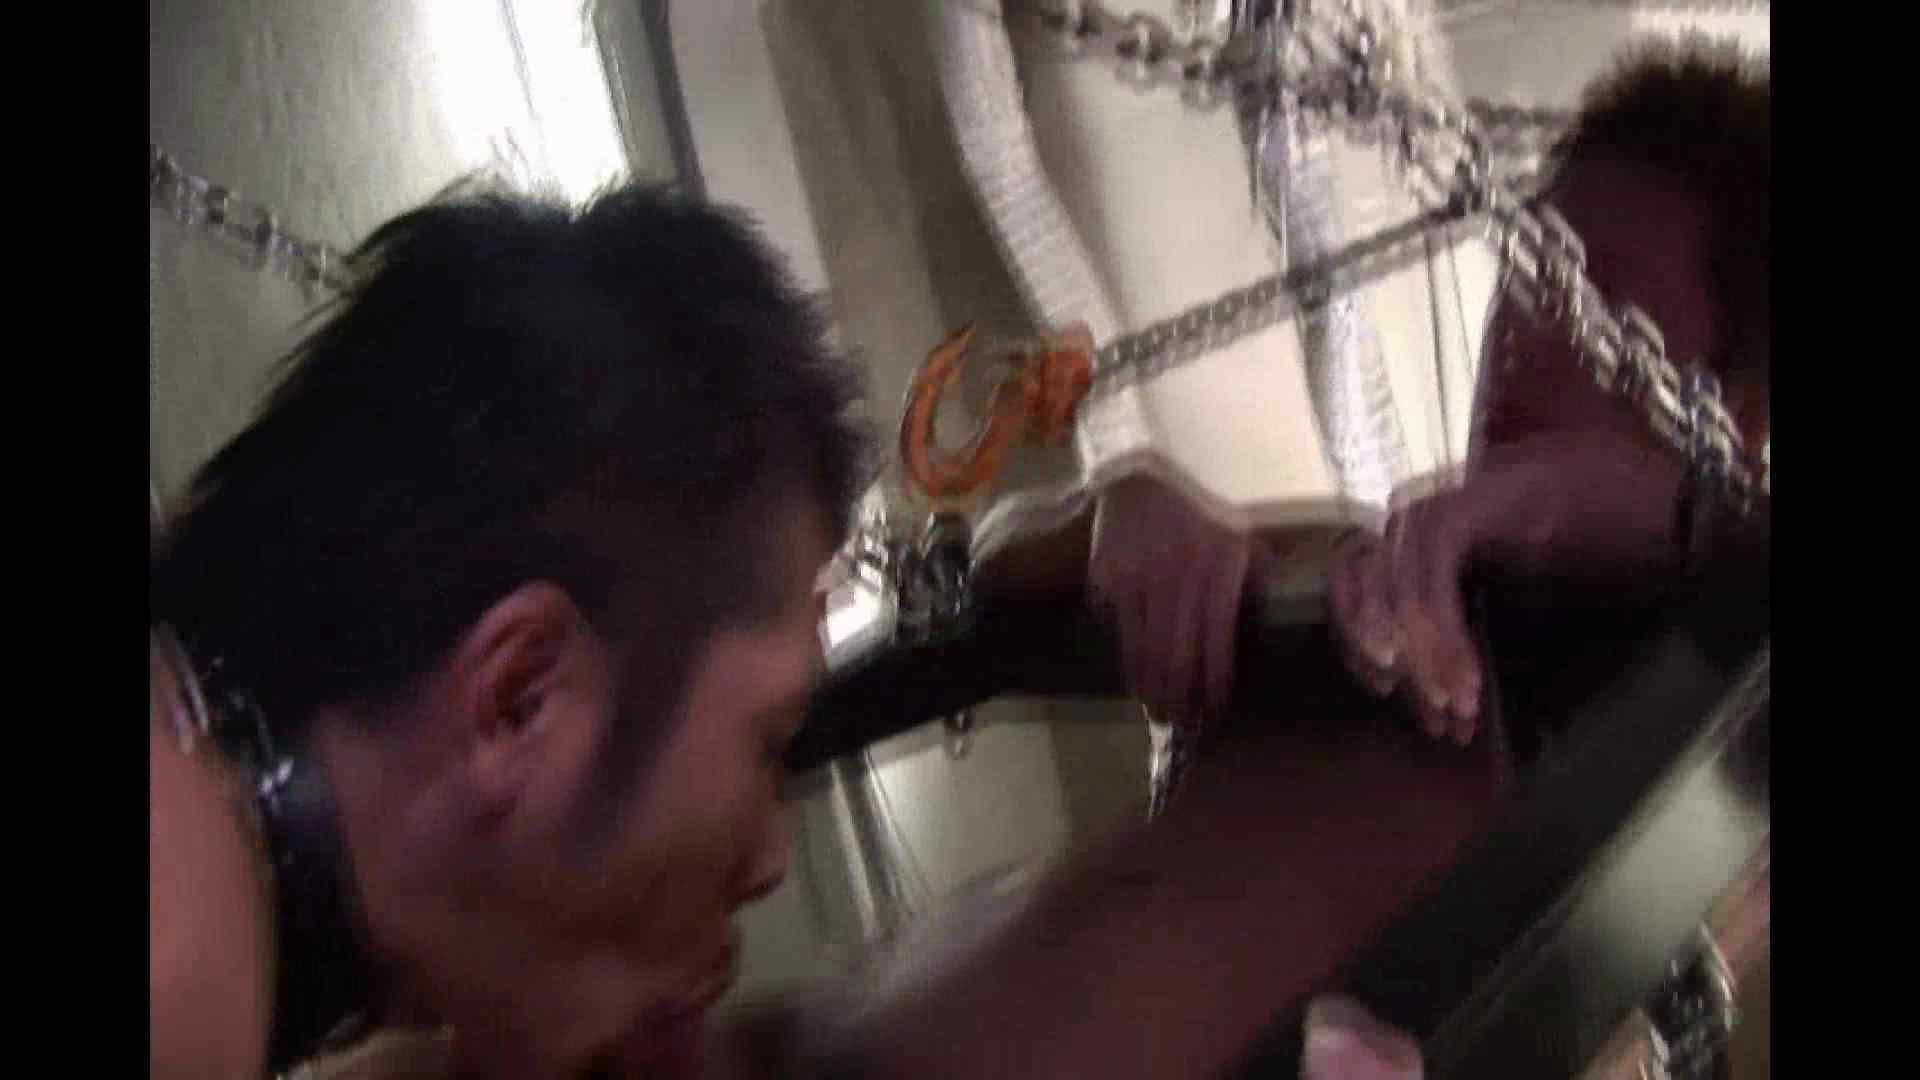 ノンケイケメンの欲望と肉棒 Vol.10 前編 ノンケ  108pic 61